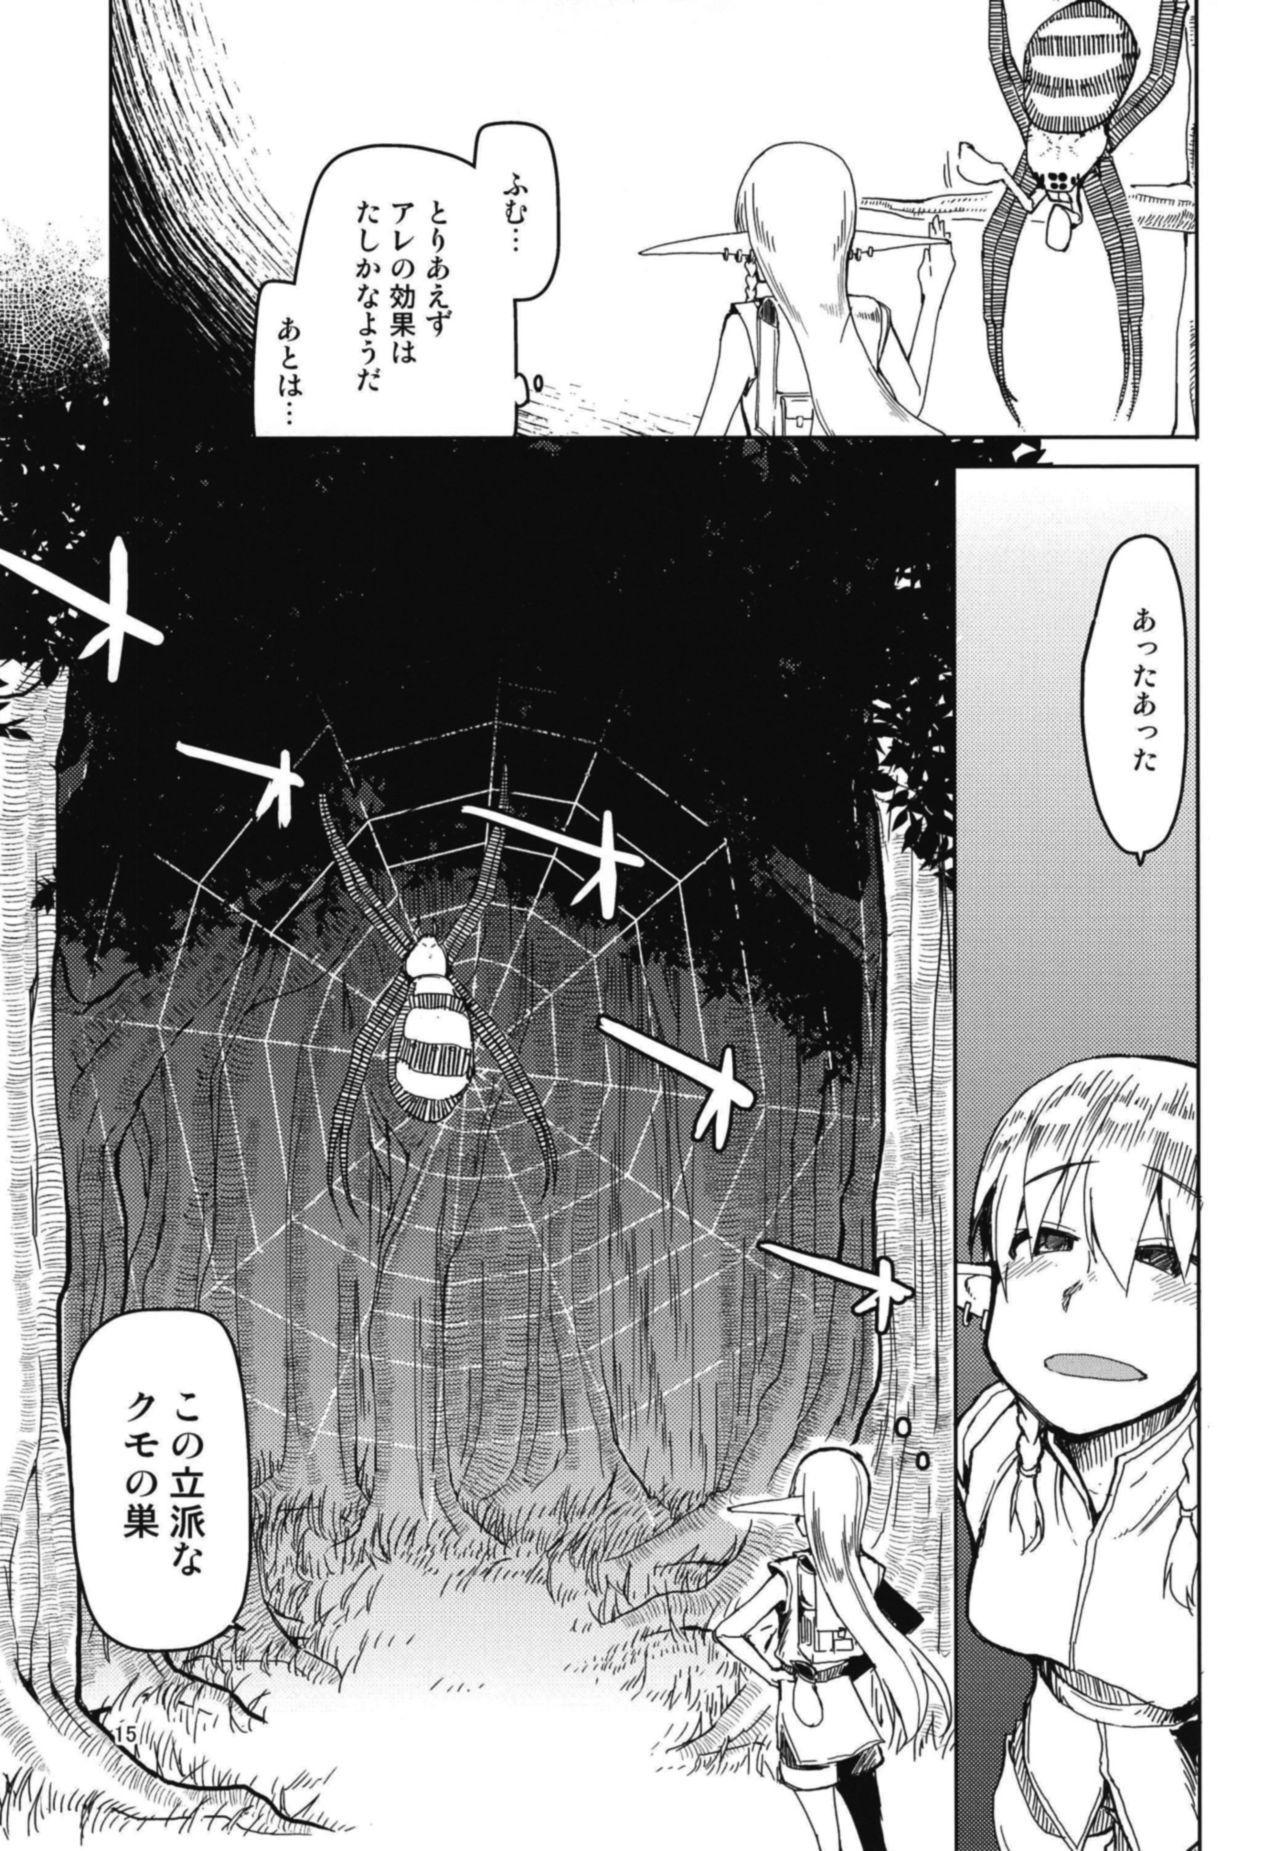 Dosukebe Elf no Ishukan Nikki 5 16